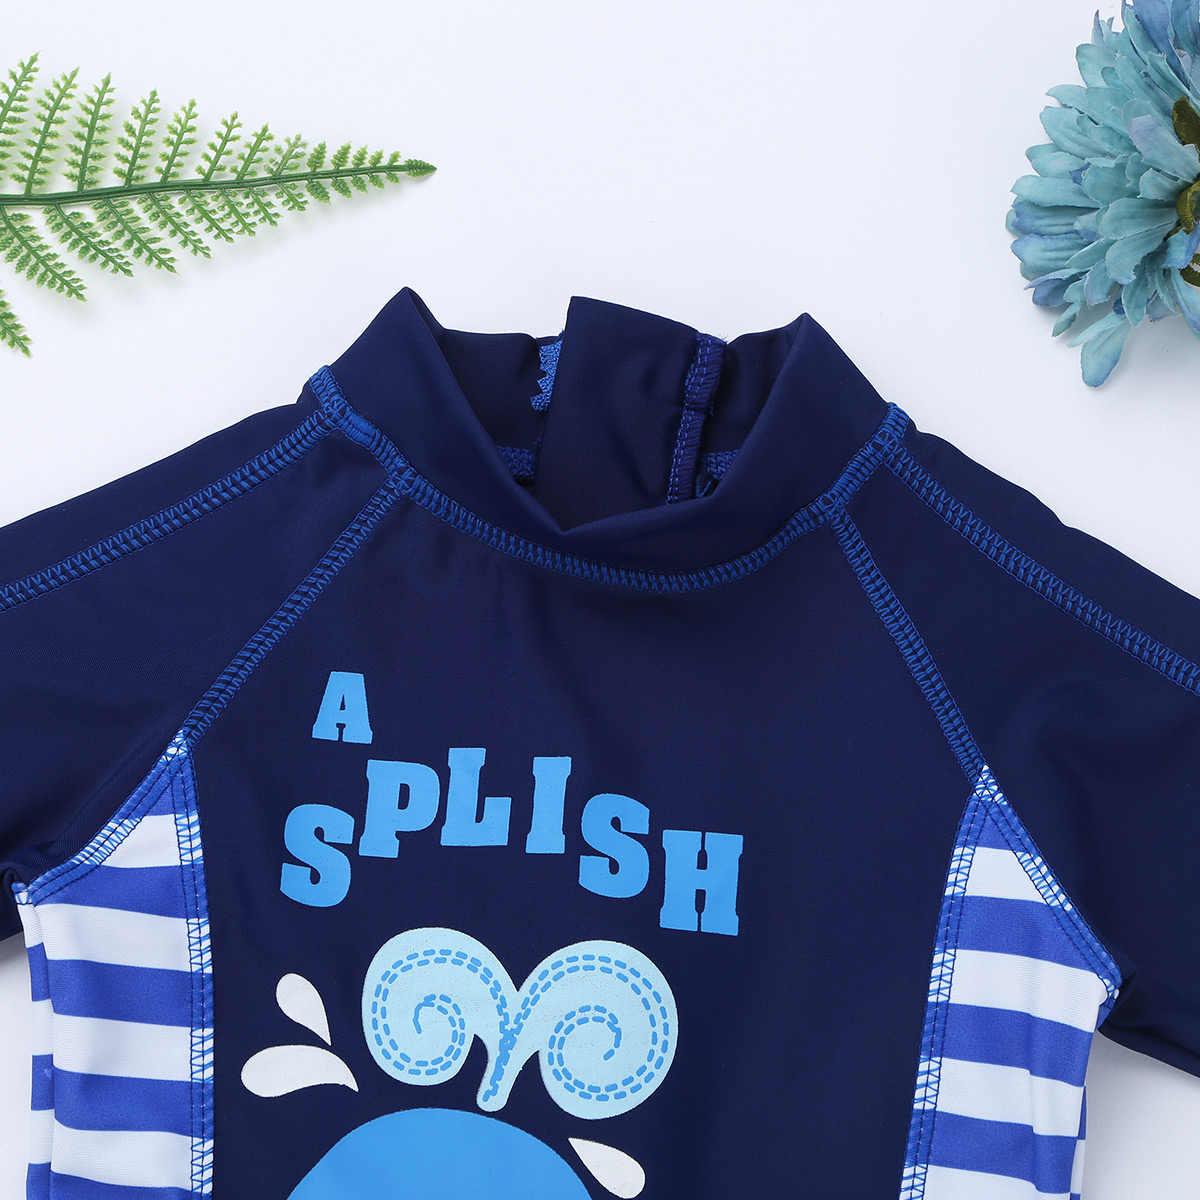 Детский купальный костюм для мальчиков, цельный купальный костюм с шапкой с принтом акулы/Кита, купальный костюм, детский купальный костюм